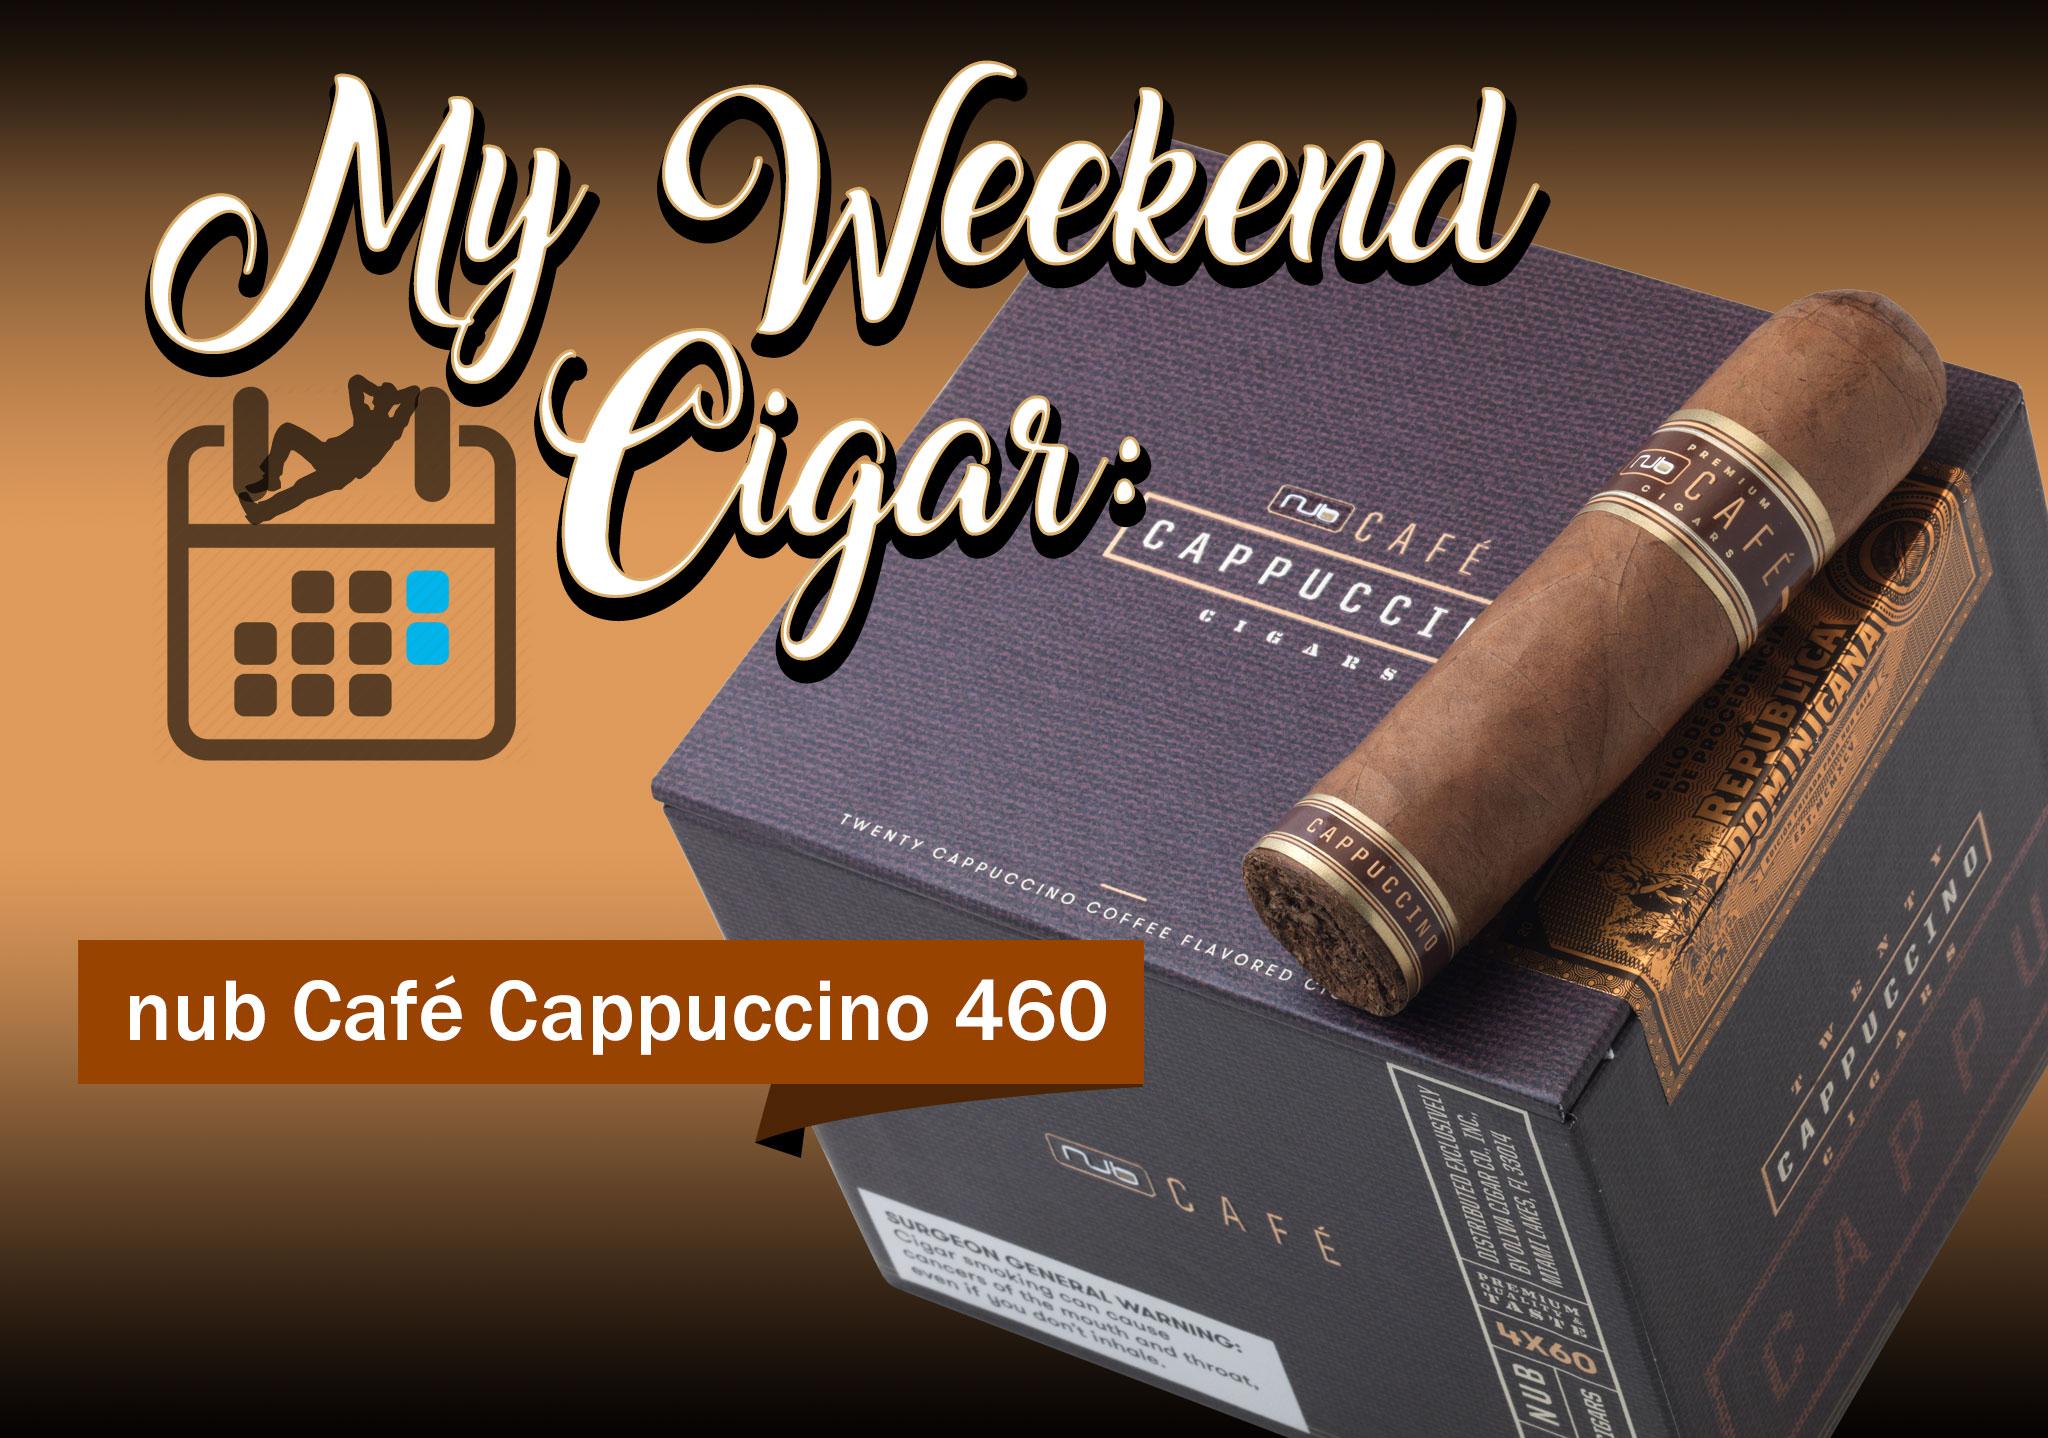 My Weekend Cigar: Apr. 16, 2018 – nub Cafe Cappuccino 460